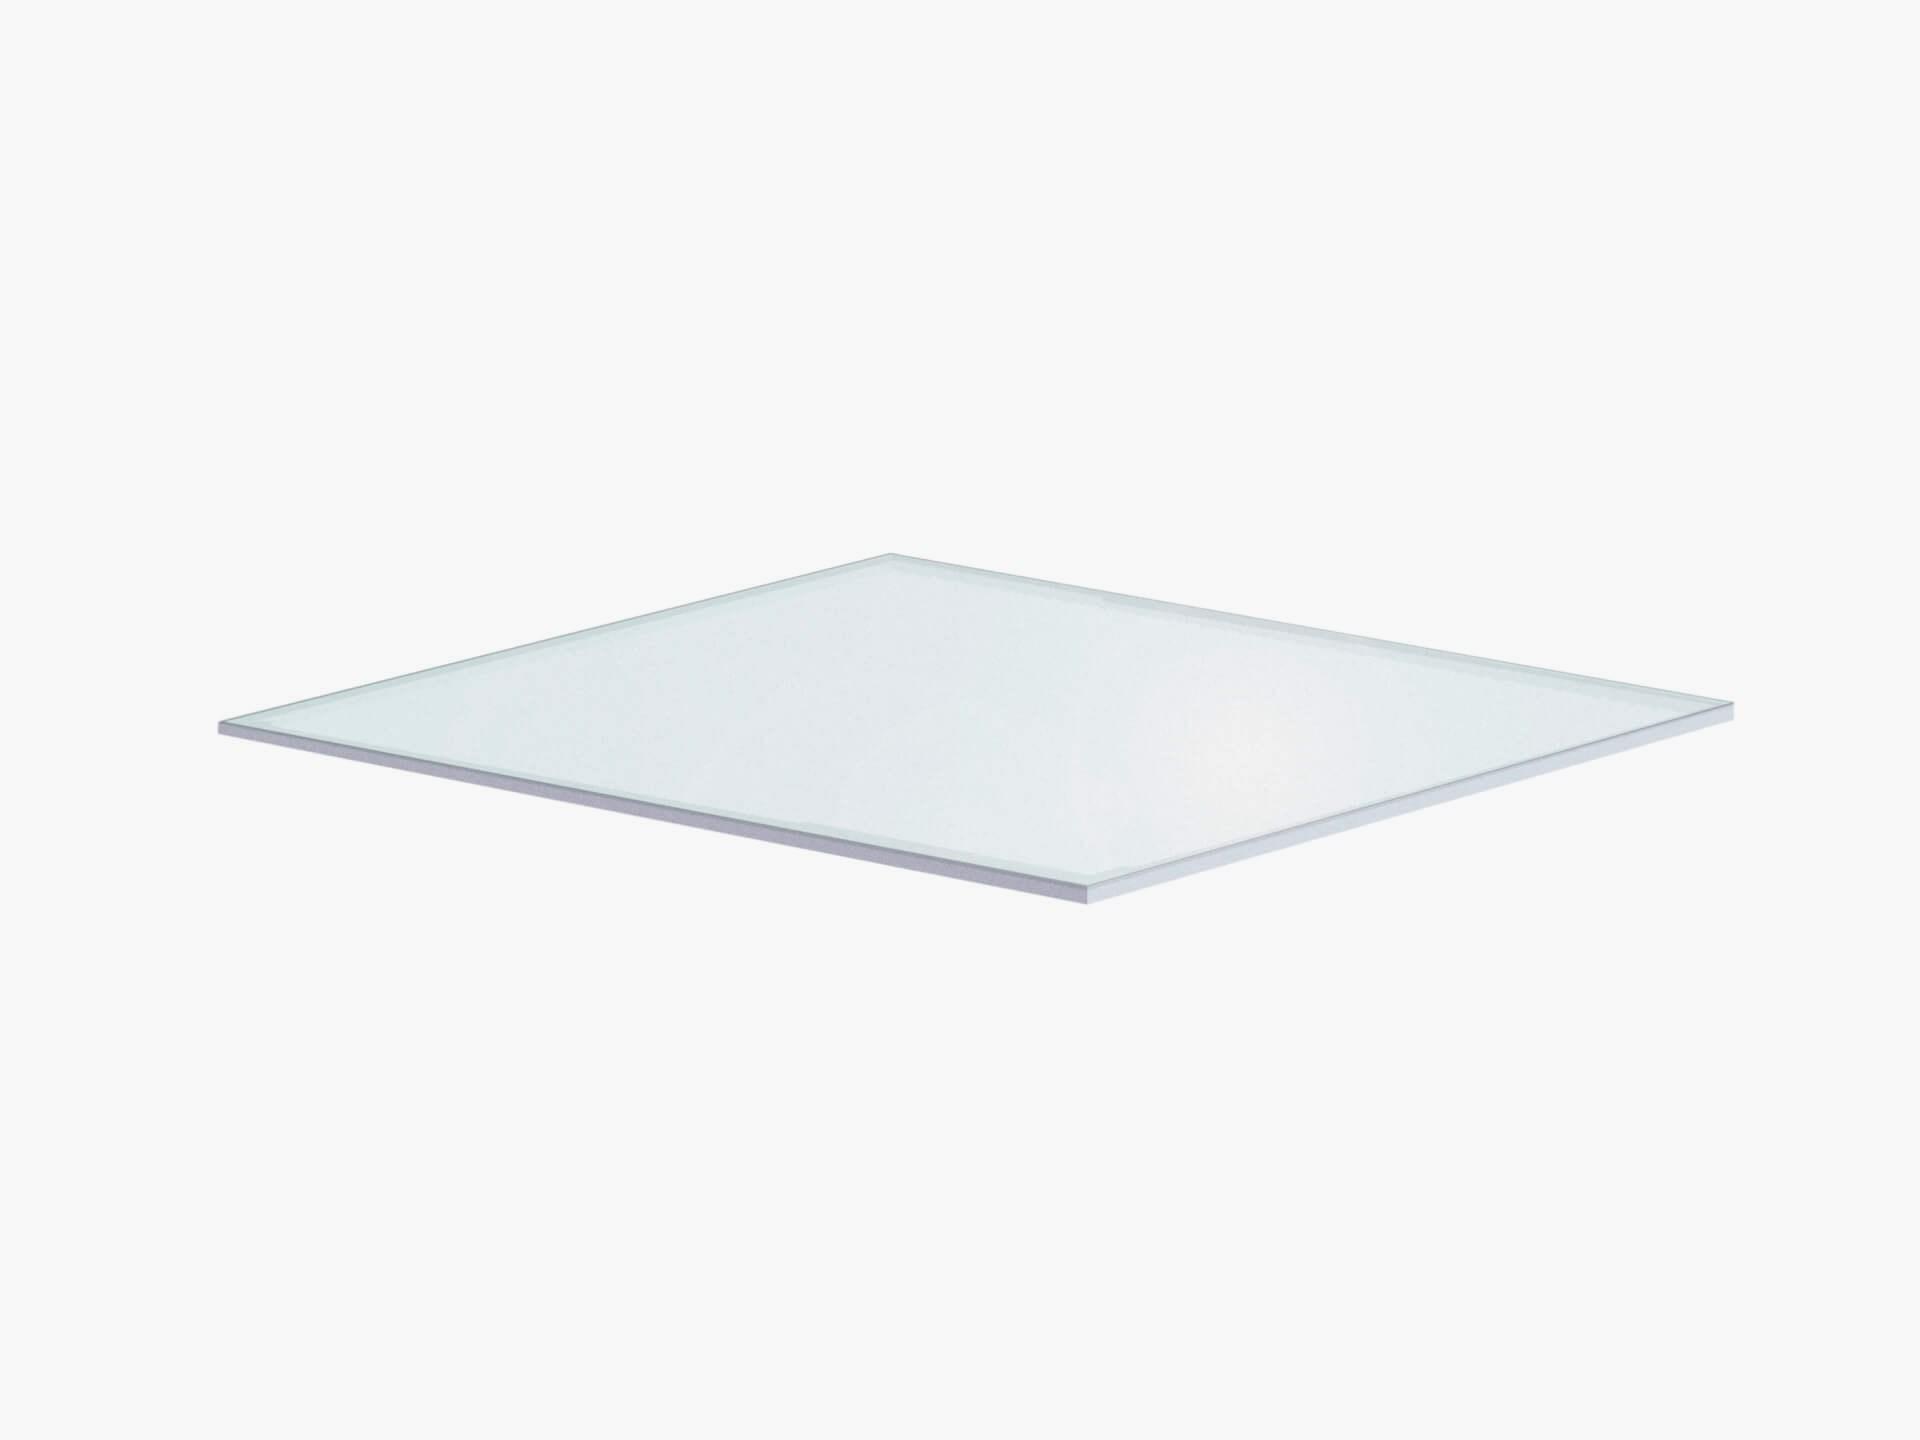 Flos Ipnos plate